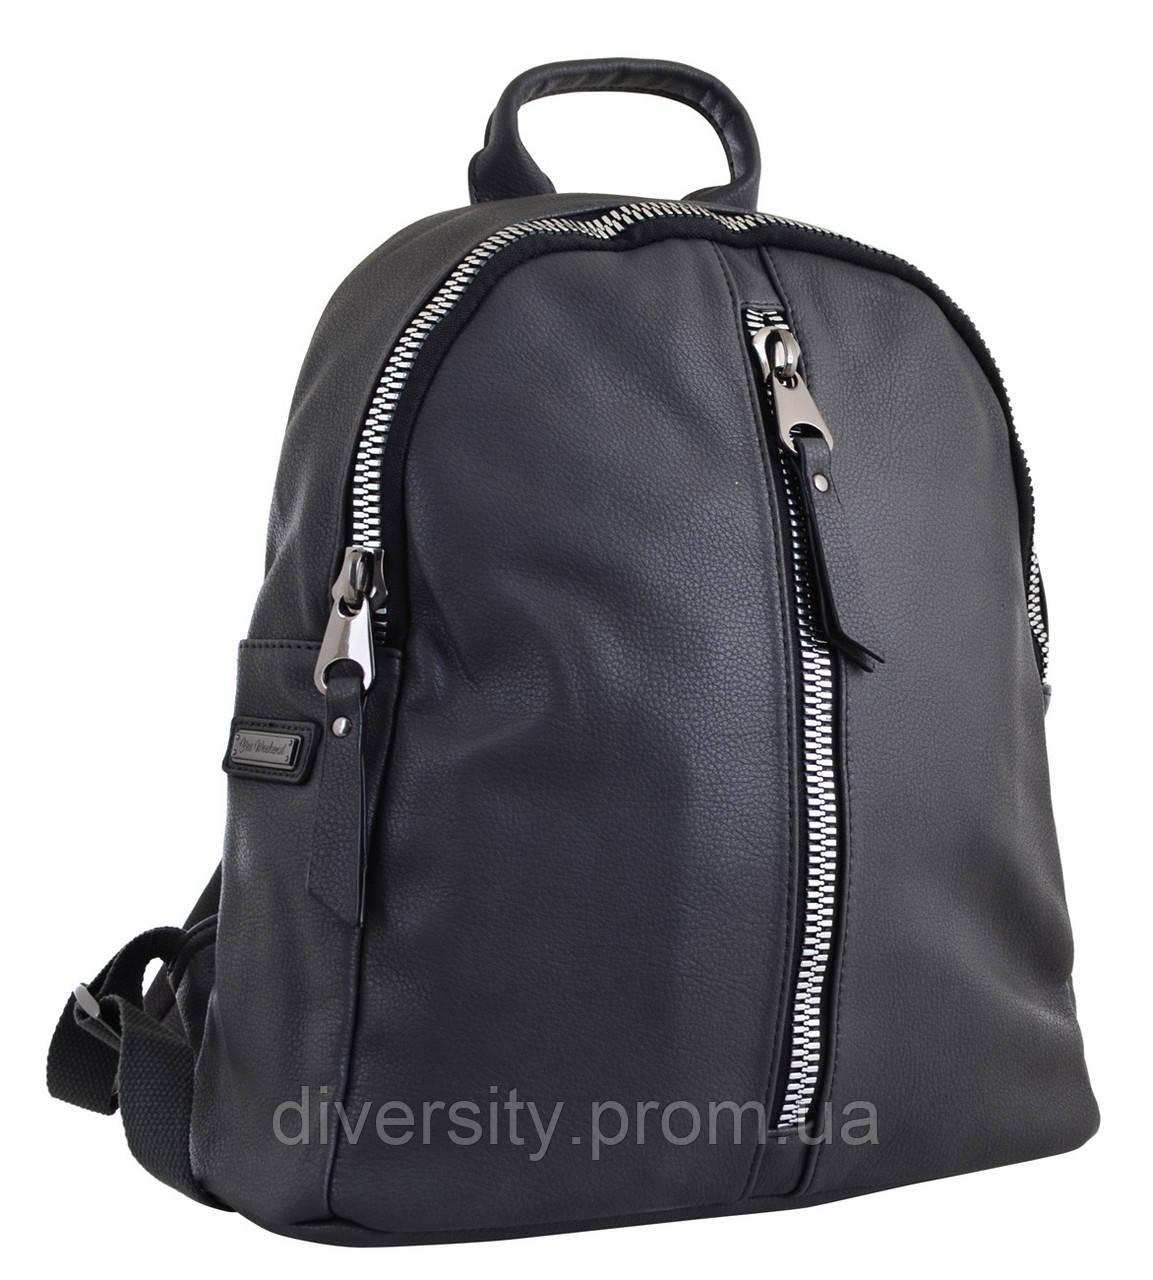 Женский рюкзак YES YW-16,   темно-серый